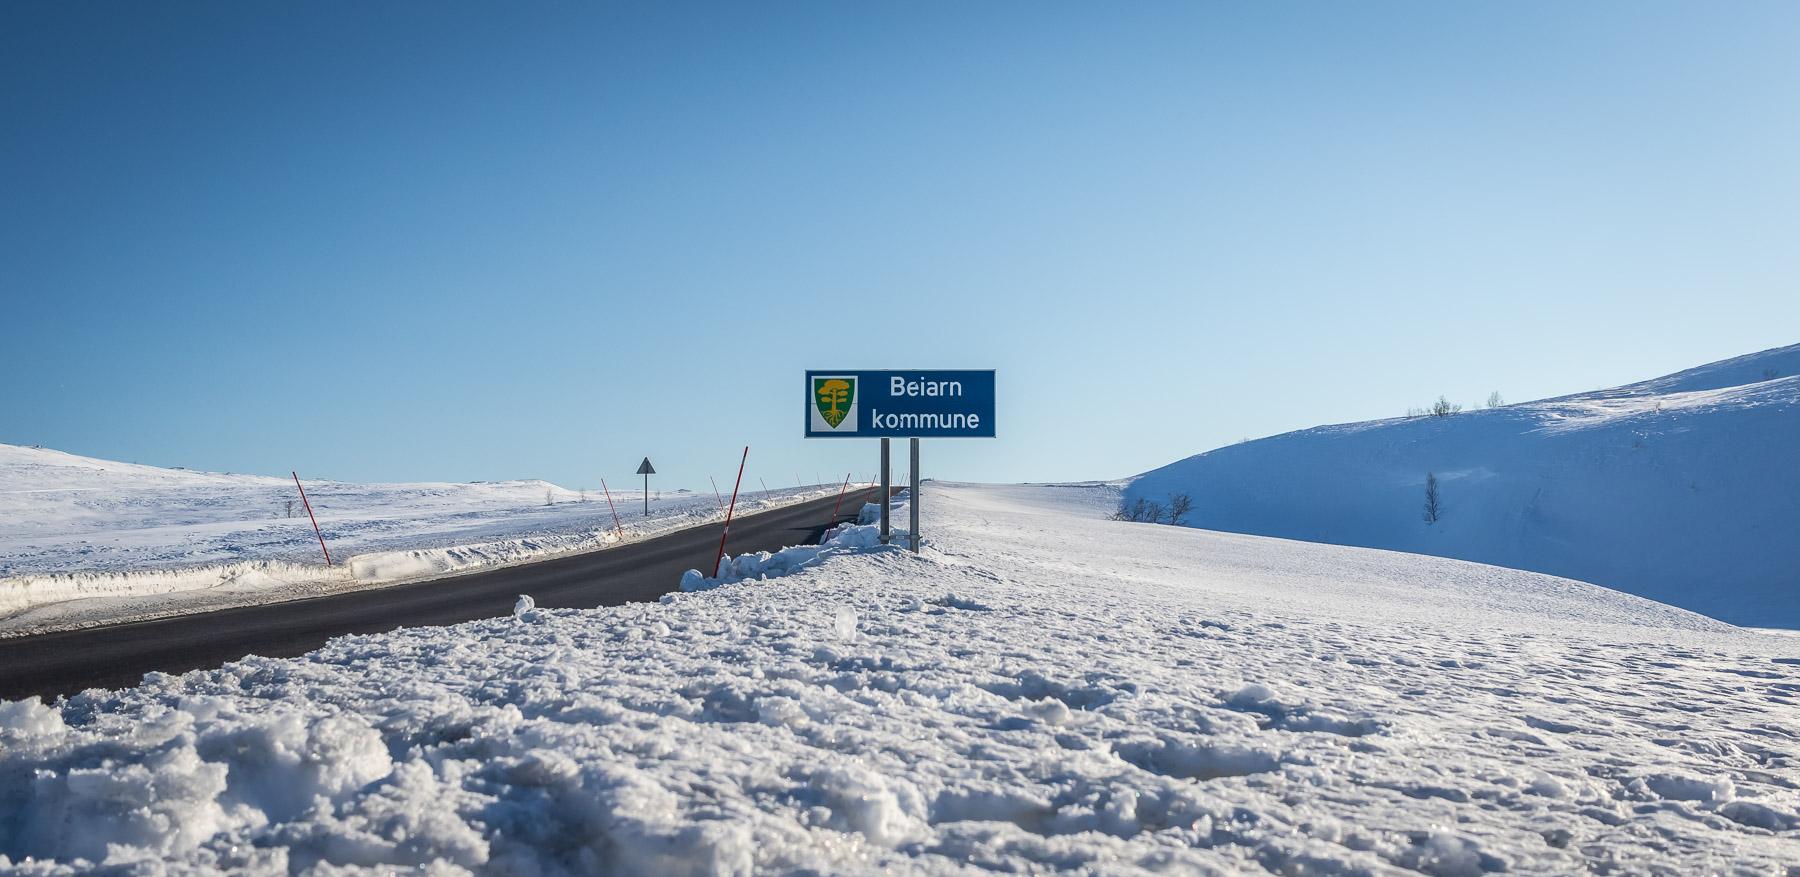 Mennesker og historier fra Beiarn Kommune, Nordland. Fylkesvei 813 over Beiarfjellet er eneste bilvei inn til Beiarn Kommune.